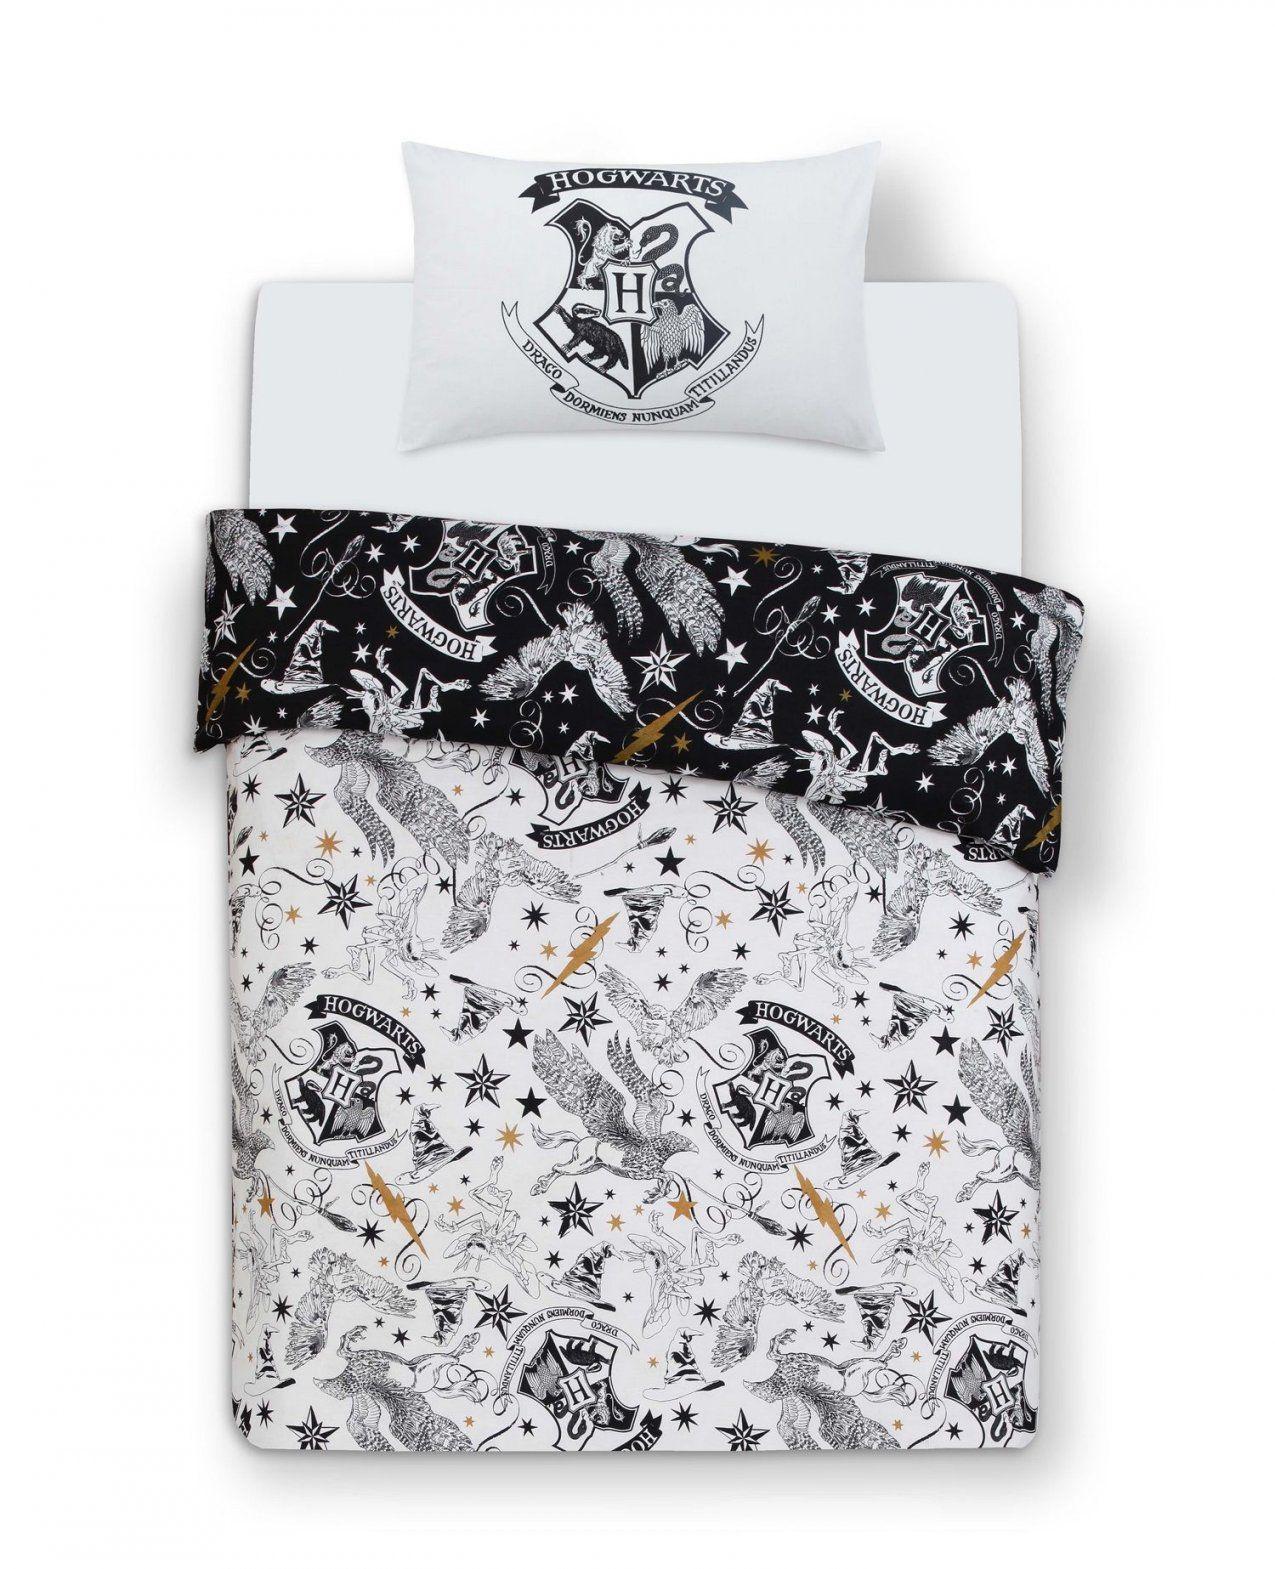 Primark  Harry Potter Mono Single Bed Set  Slytherin  Pinterest von Harry Potter Bettwäsche Primark Bild